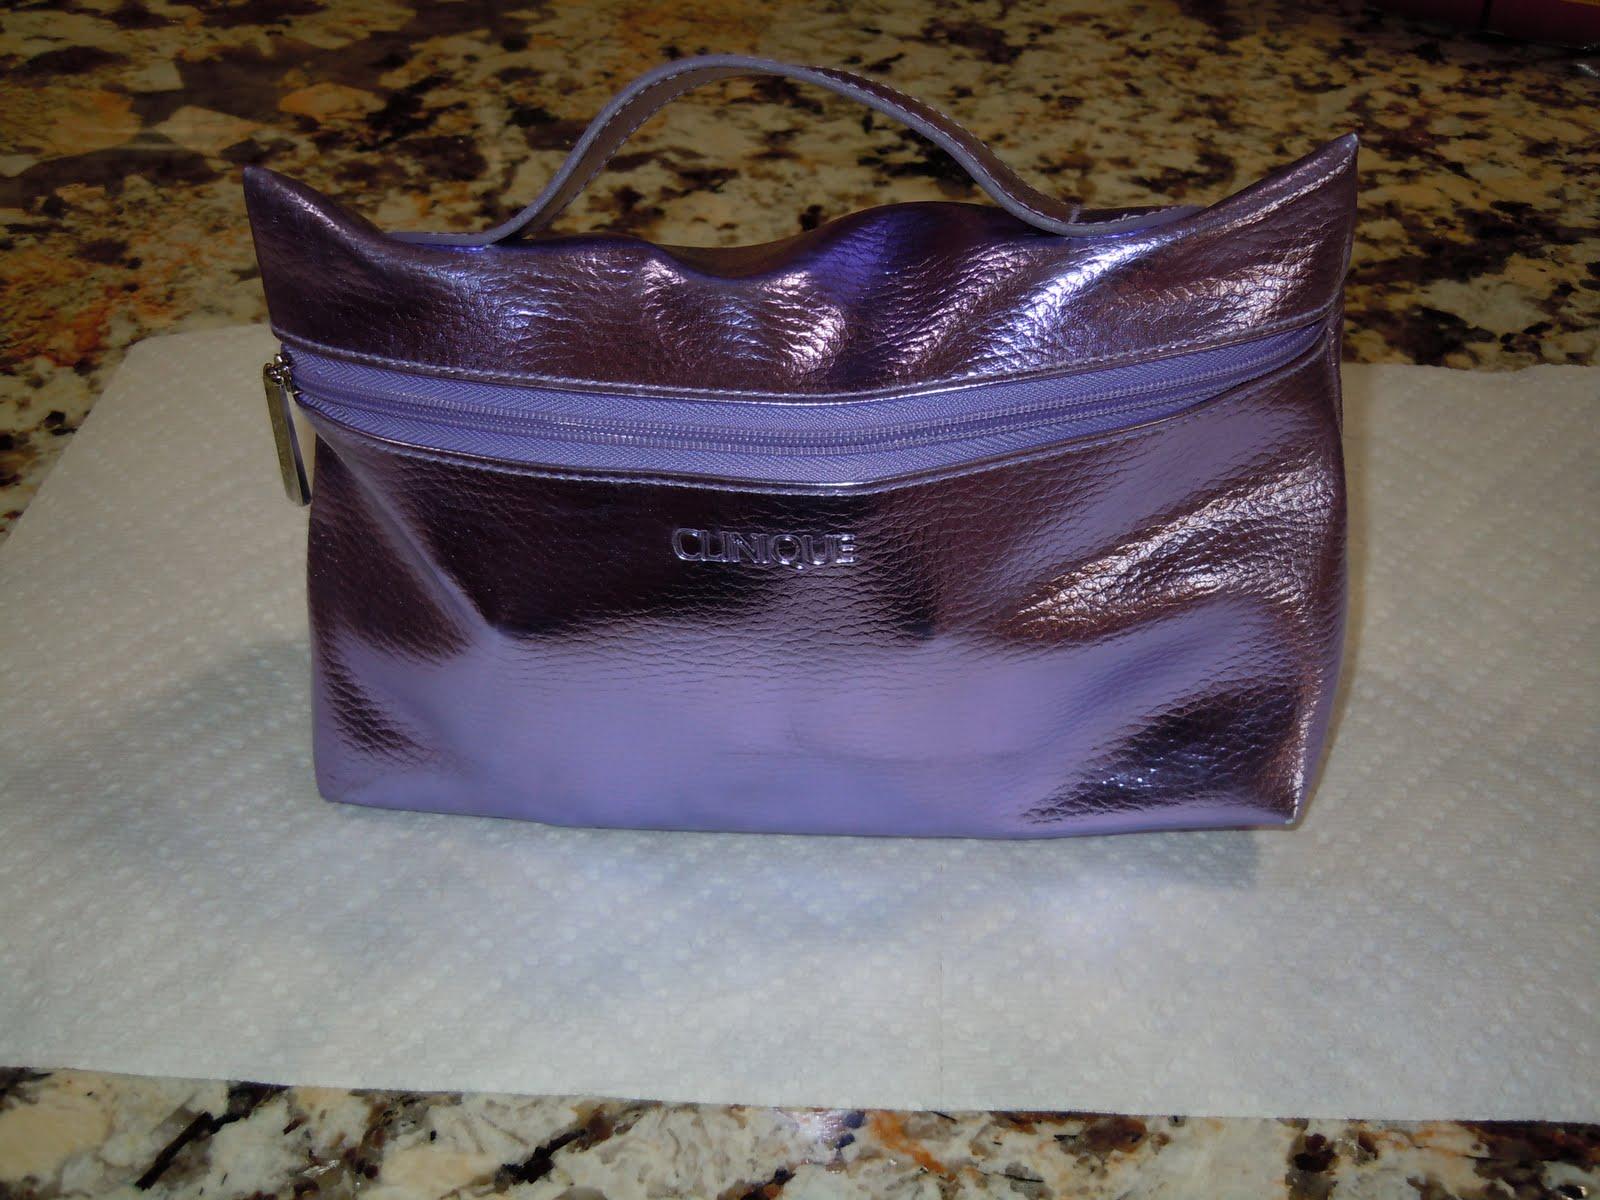 a6c5450800d5 Tj Maxx Travel Bags